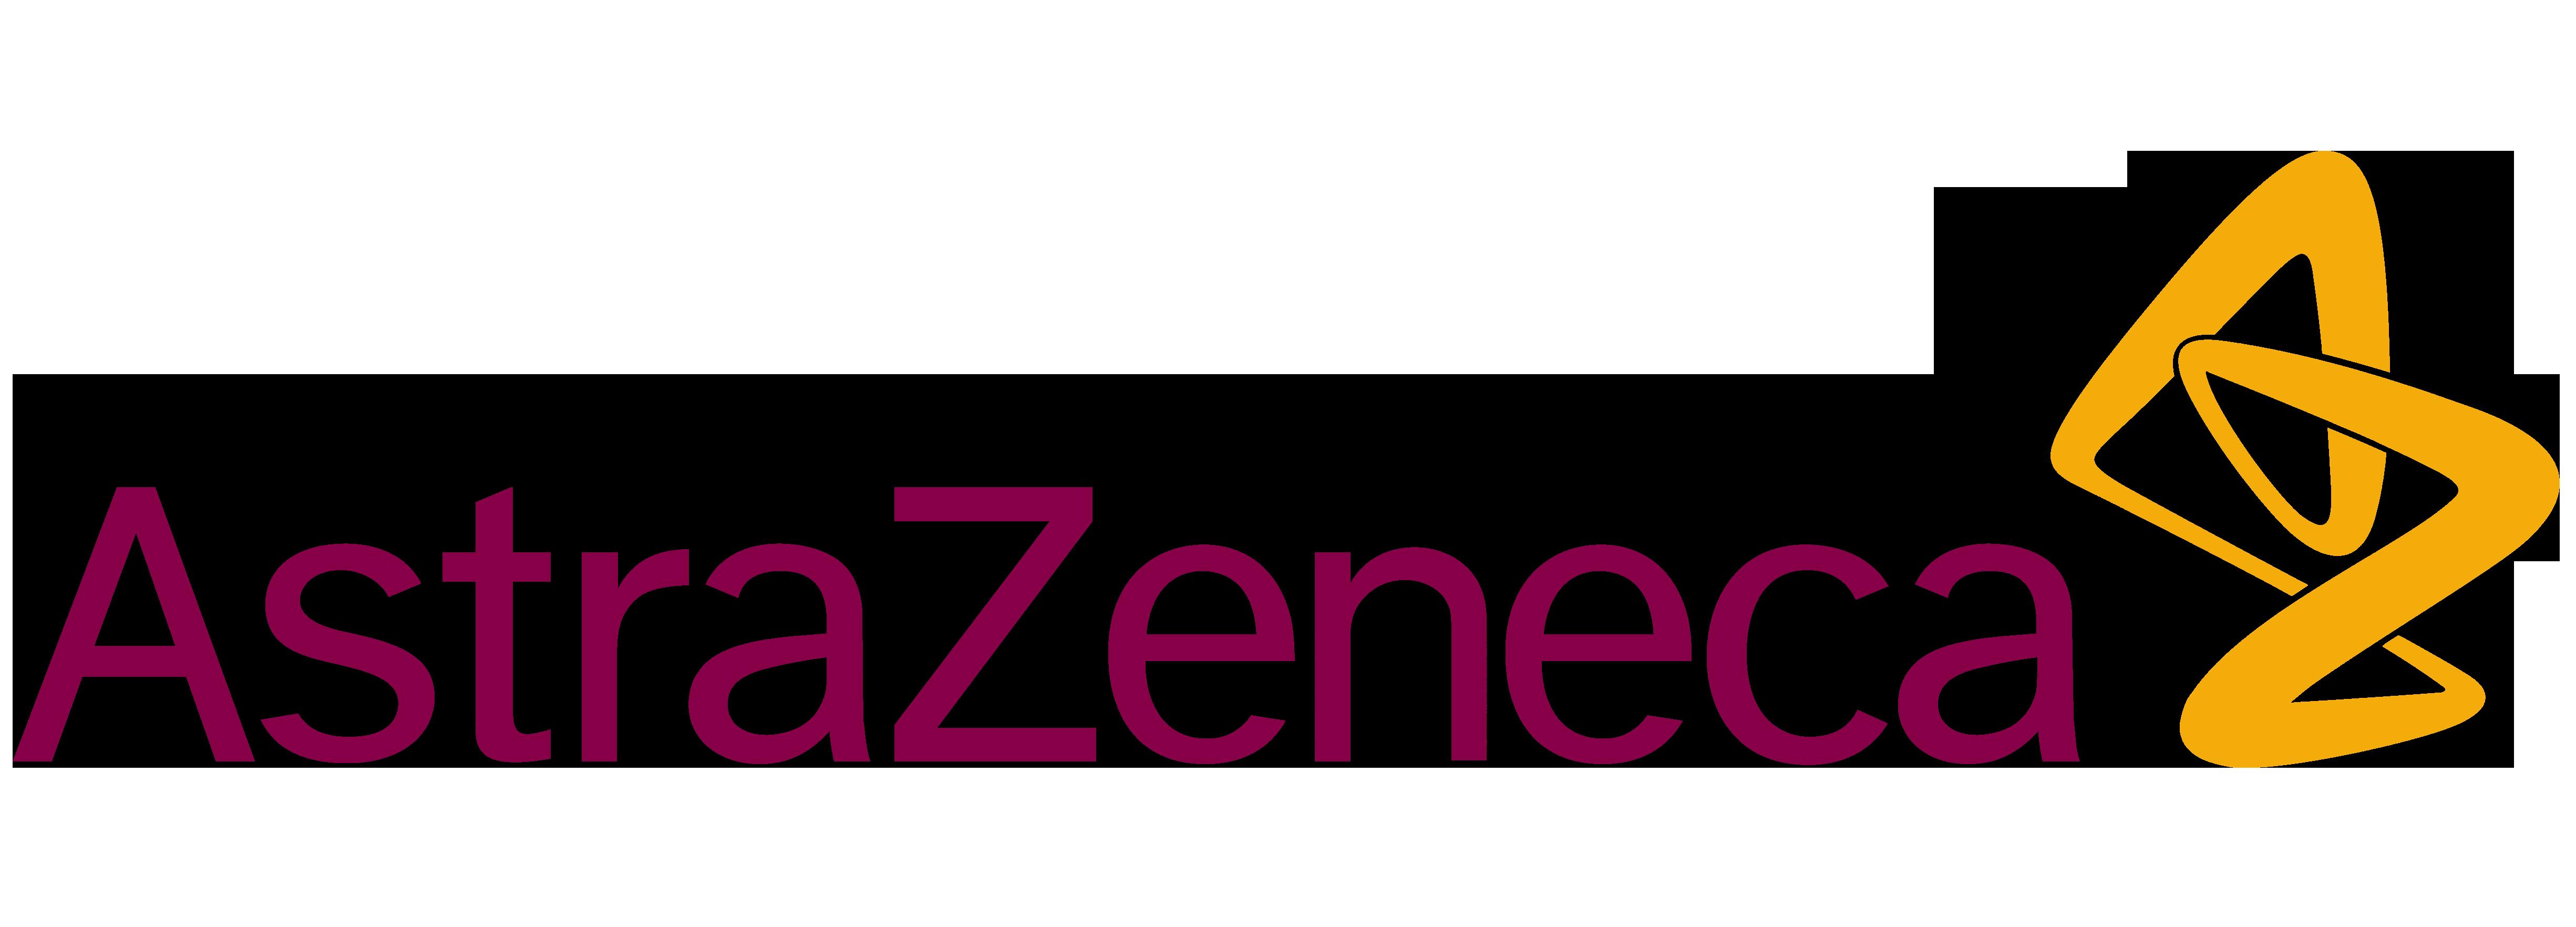 Astrazeneca Healthy